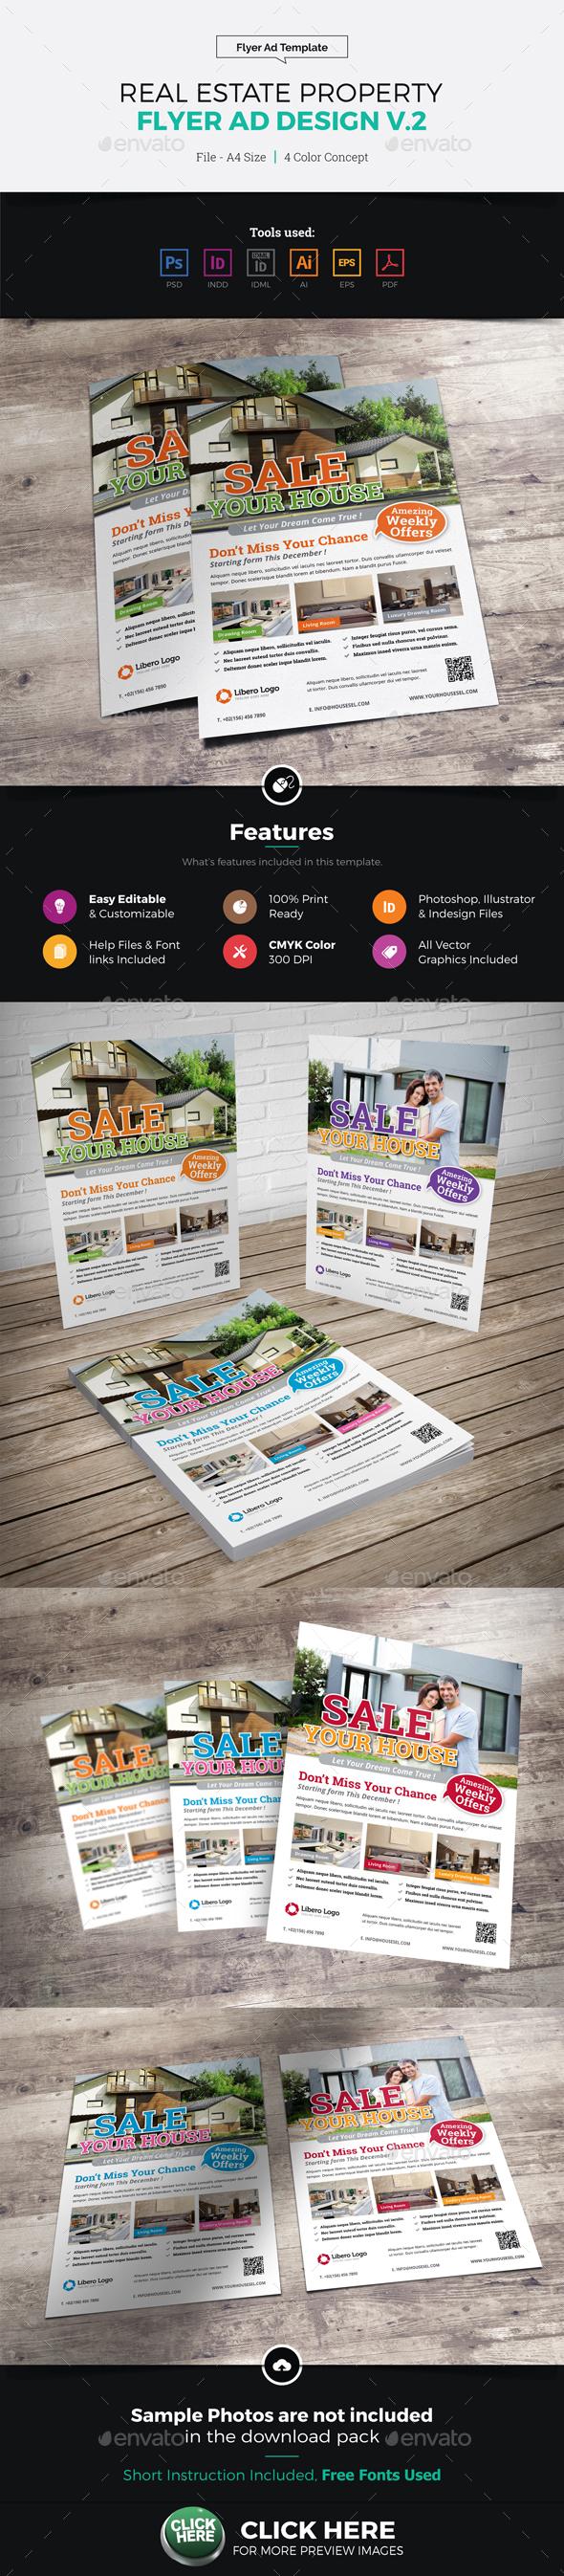 Real Estate Flyer Ad Design v2 - Corporate Flyers